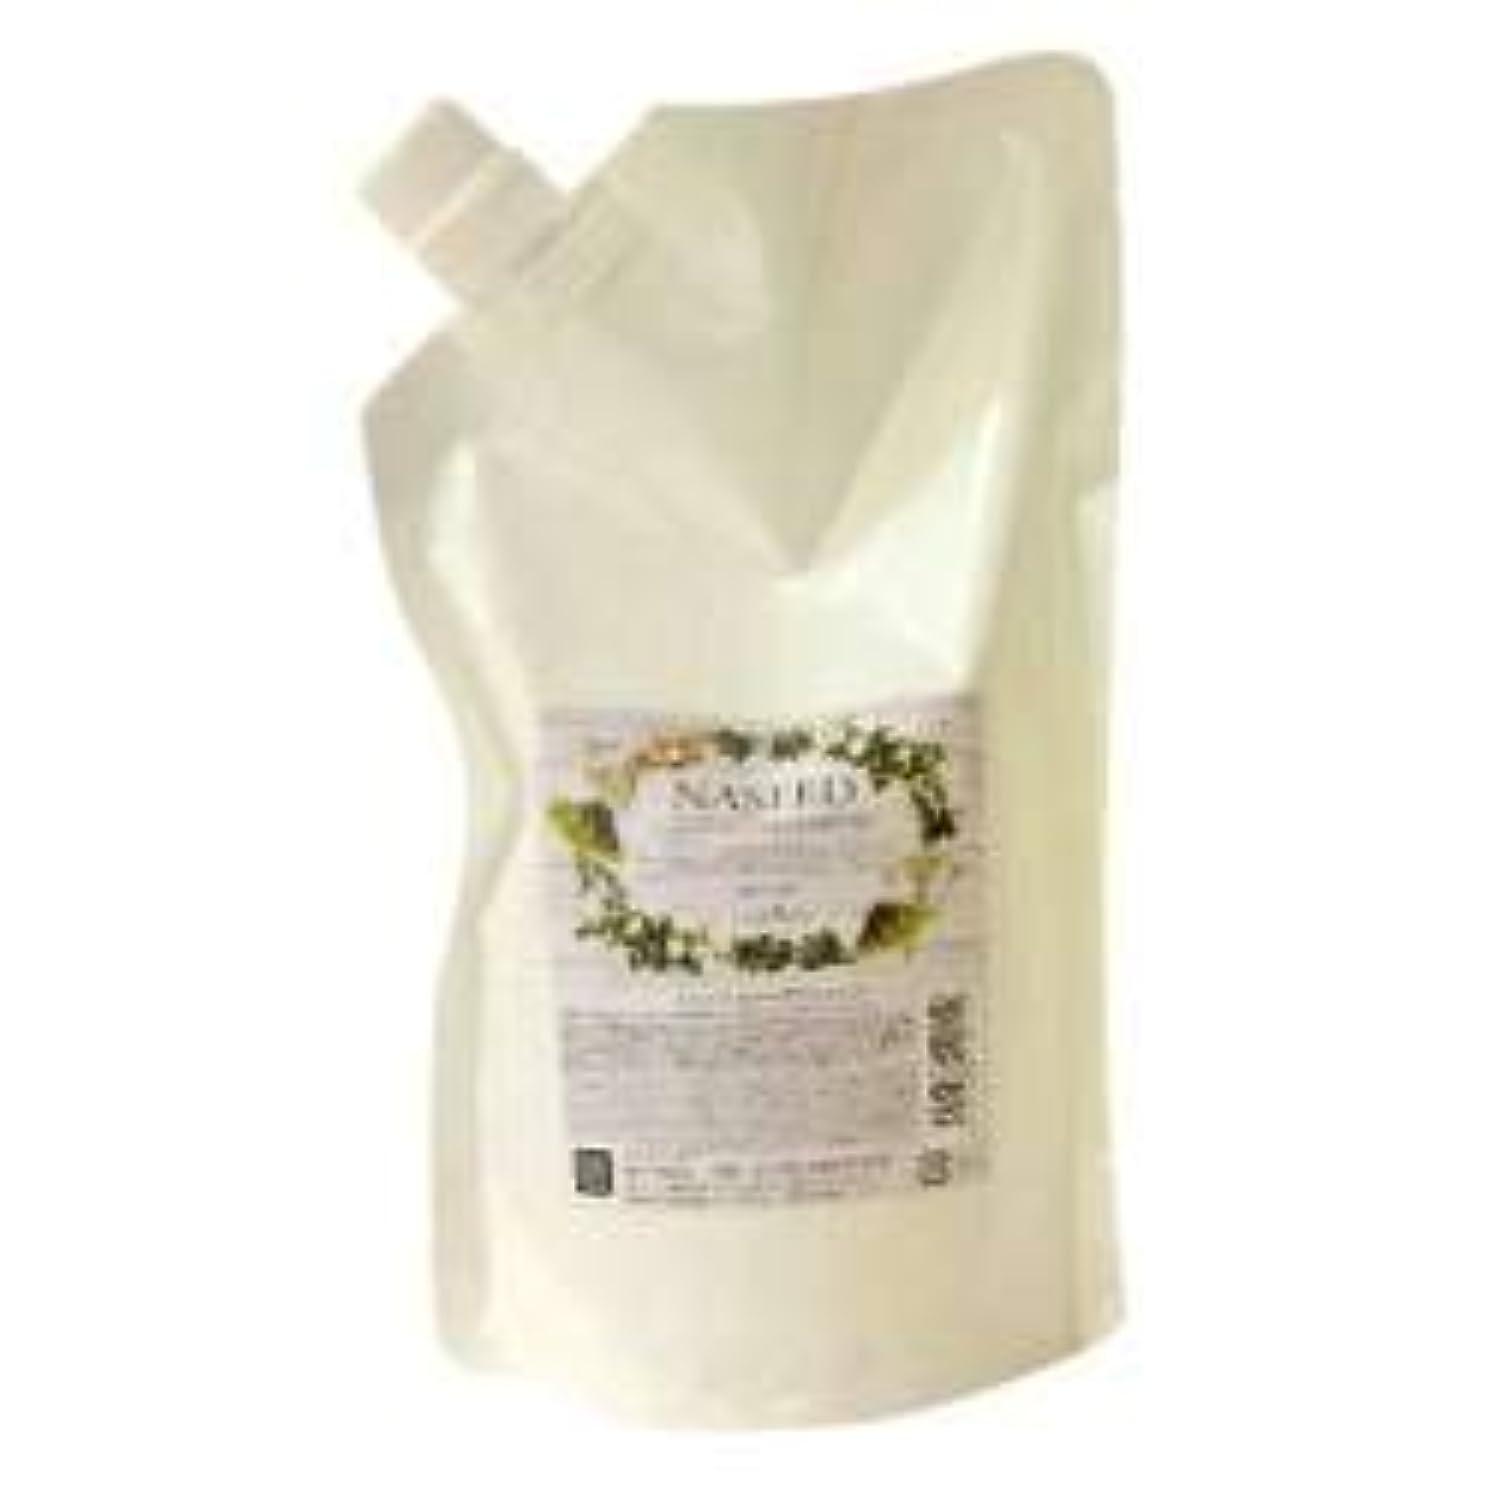 仕事一般的な乳白ナシード カラーケアシャンプー<リフィル>(700ml)